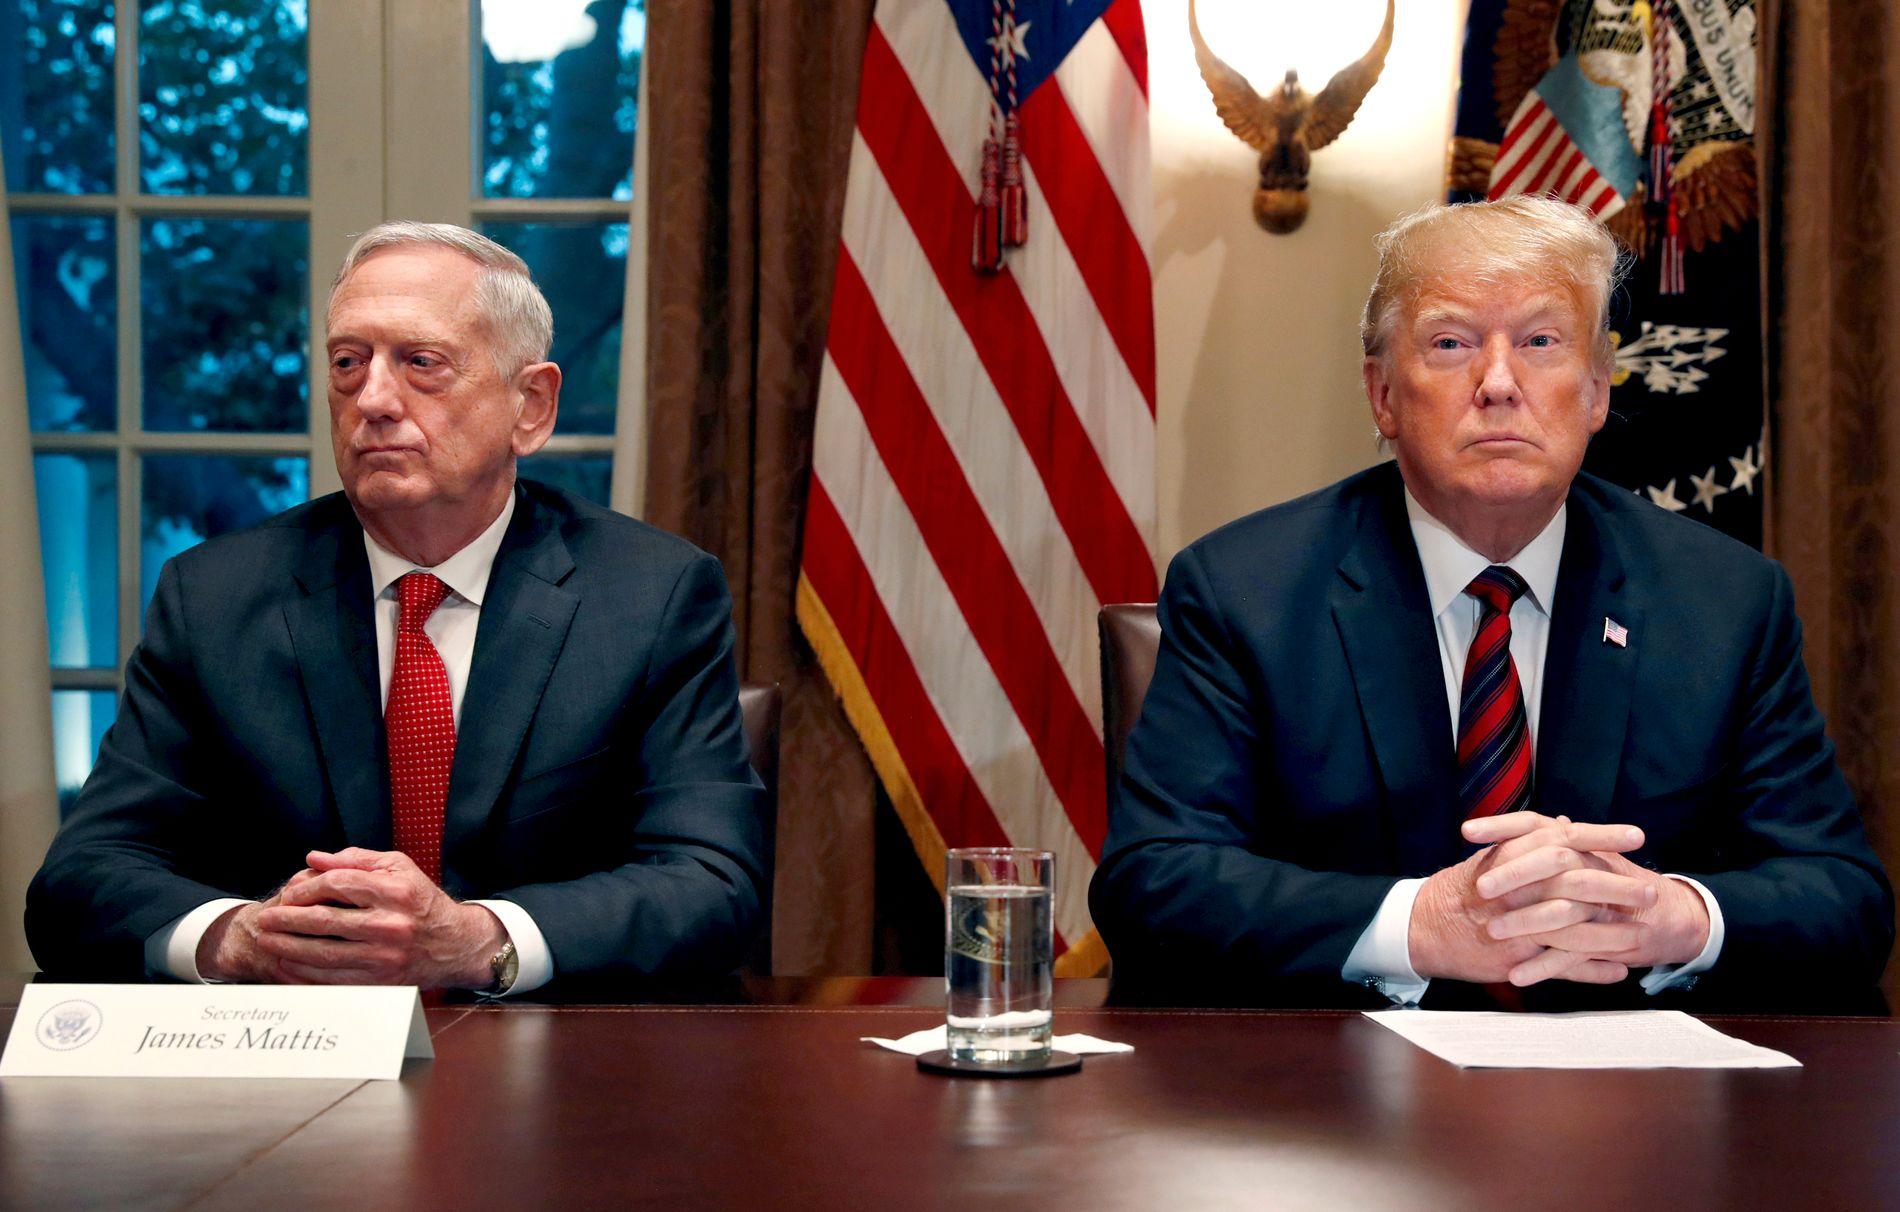 GÅR UT: USAs forsvarsminister Jim Mattis går av ved utgangen av februar. Han er den 33. personen nær Trump og presidentens administrasjon som har mistet jobben eller gått av de siste to årene.